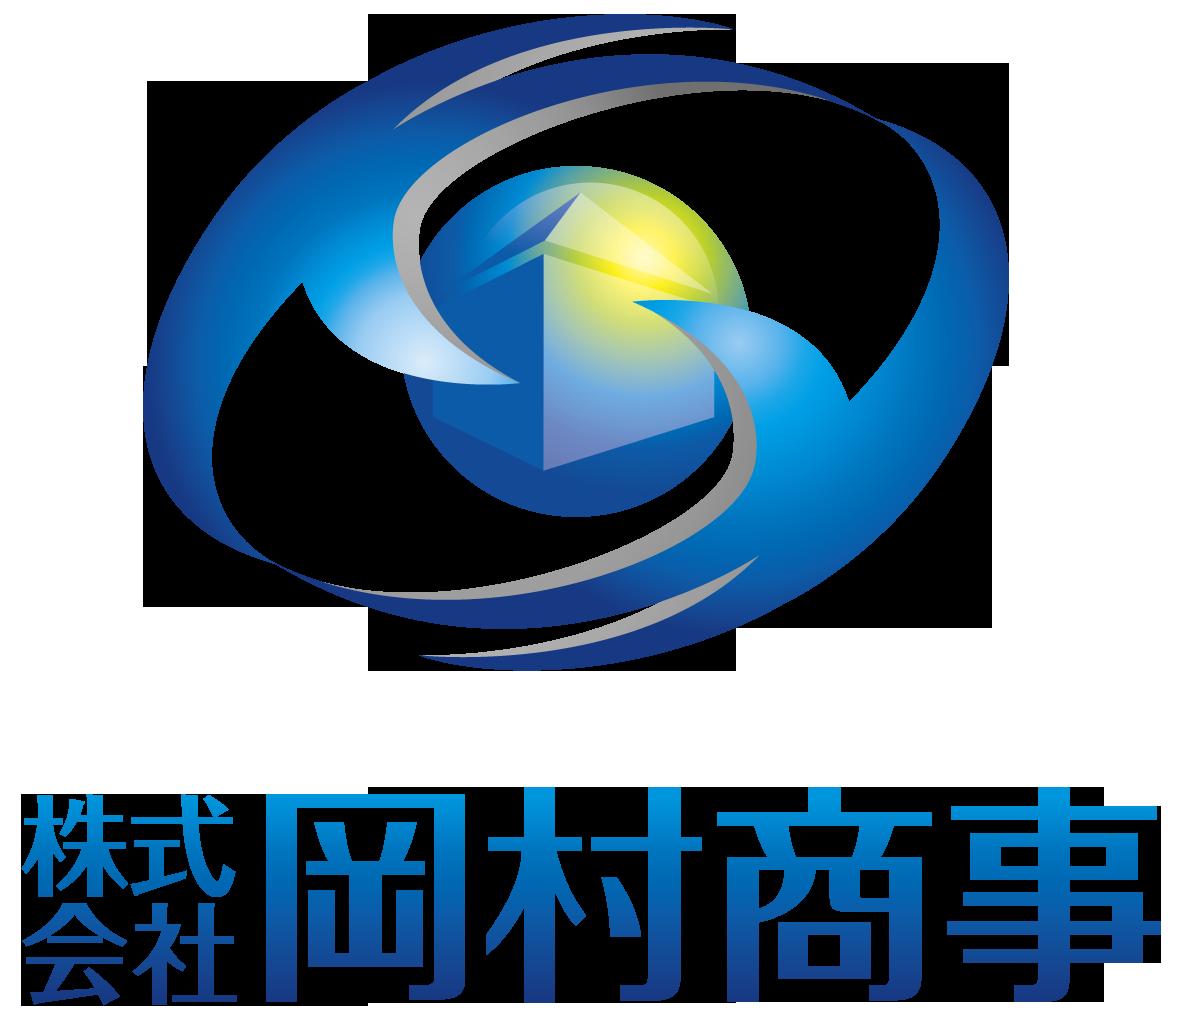 金融/保険/投資関連と近未来と青のロゴ